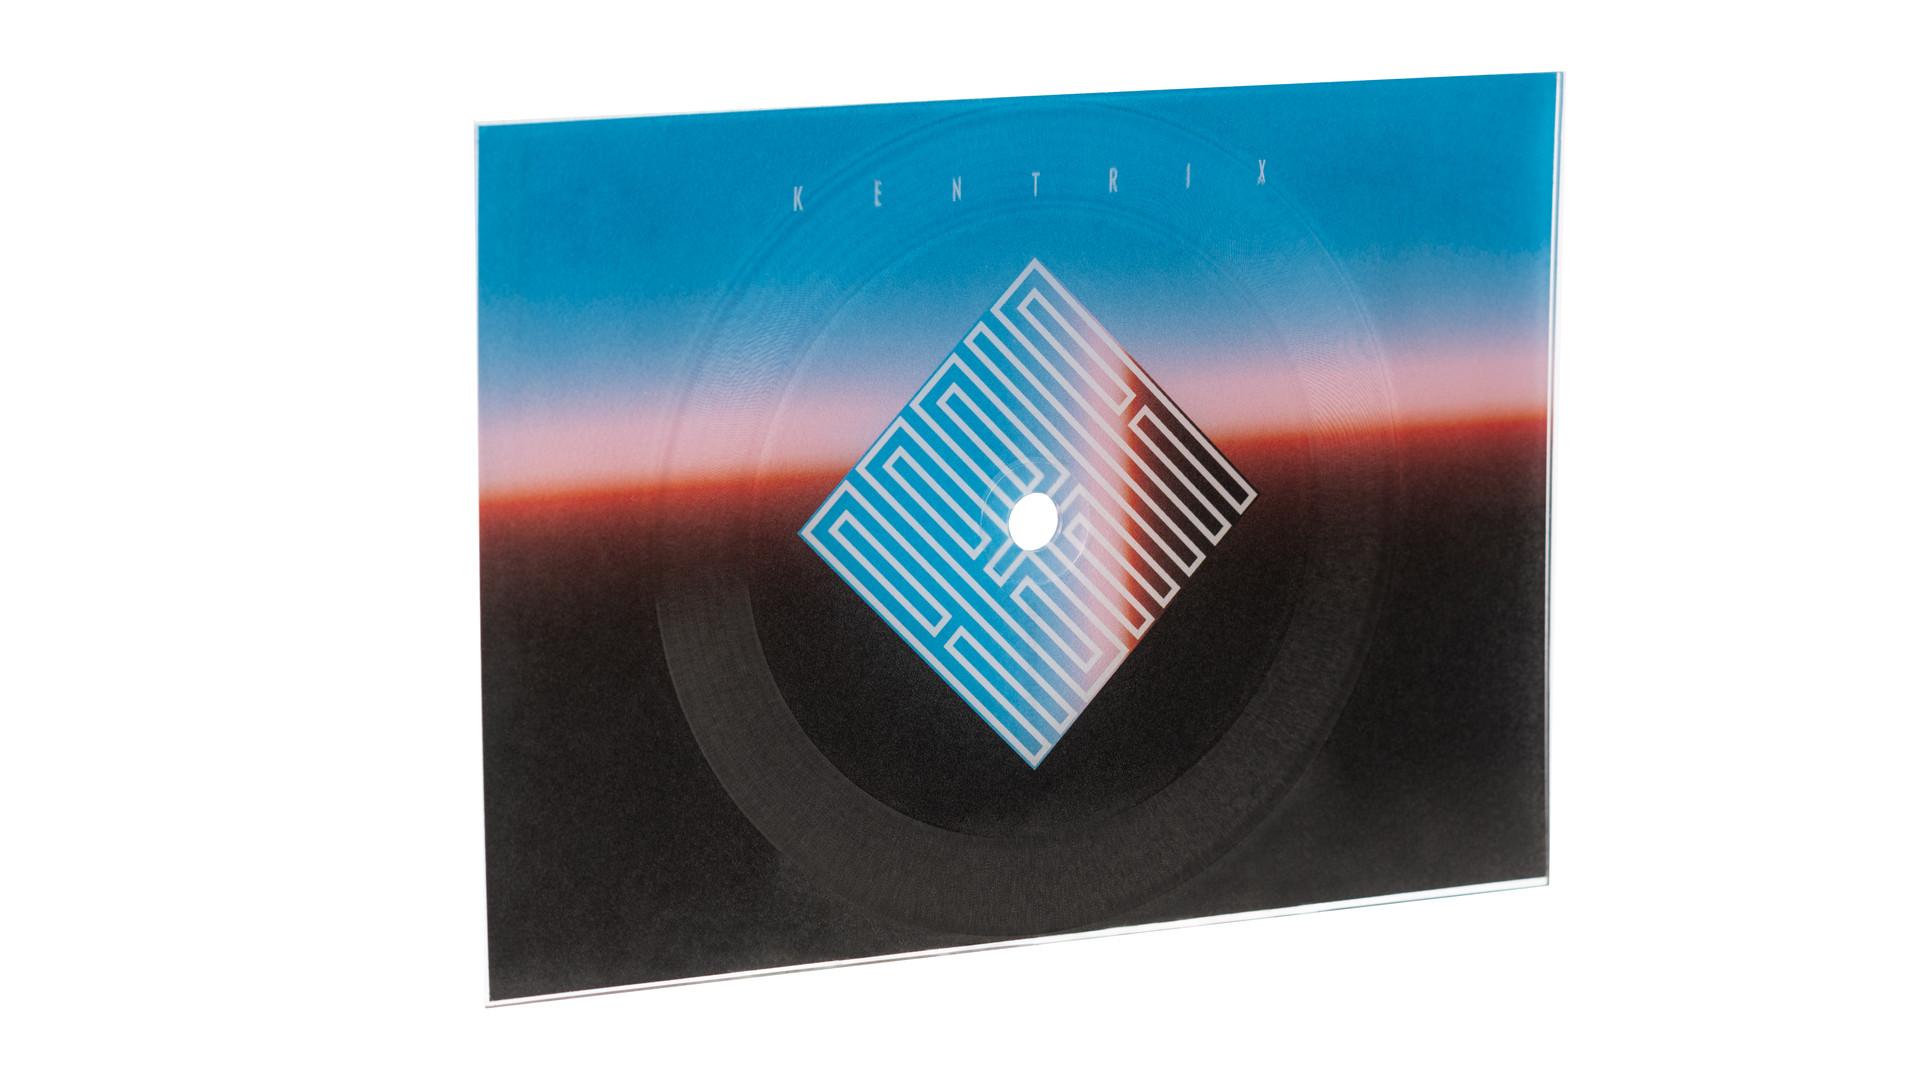 Vinylpostcards - Close Up 1